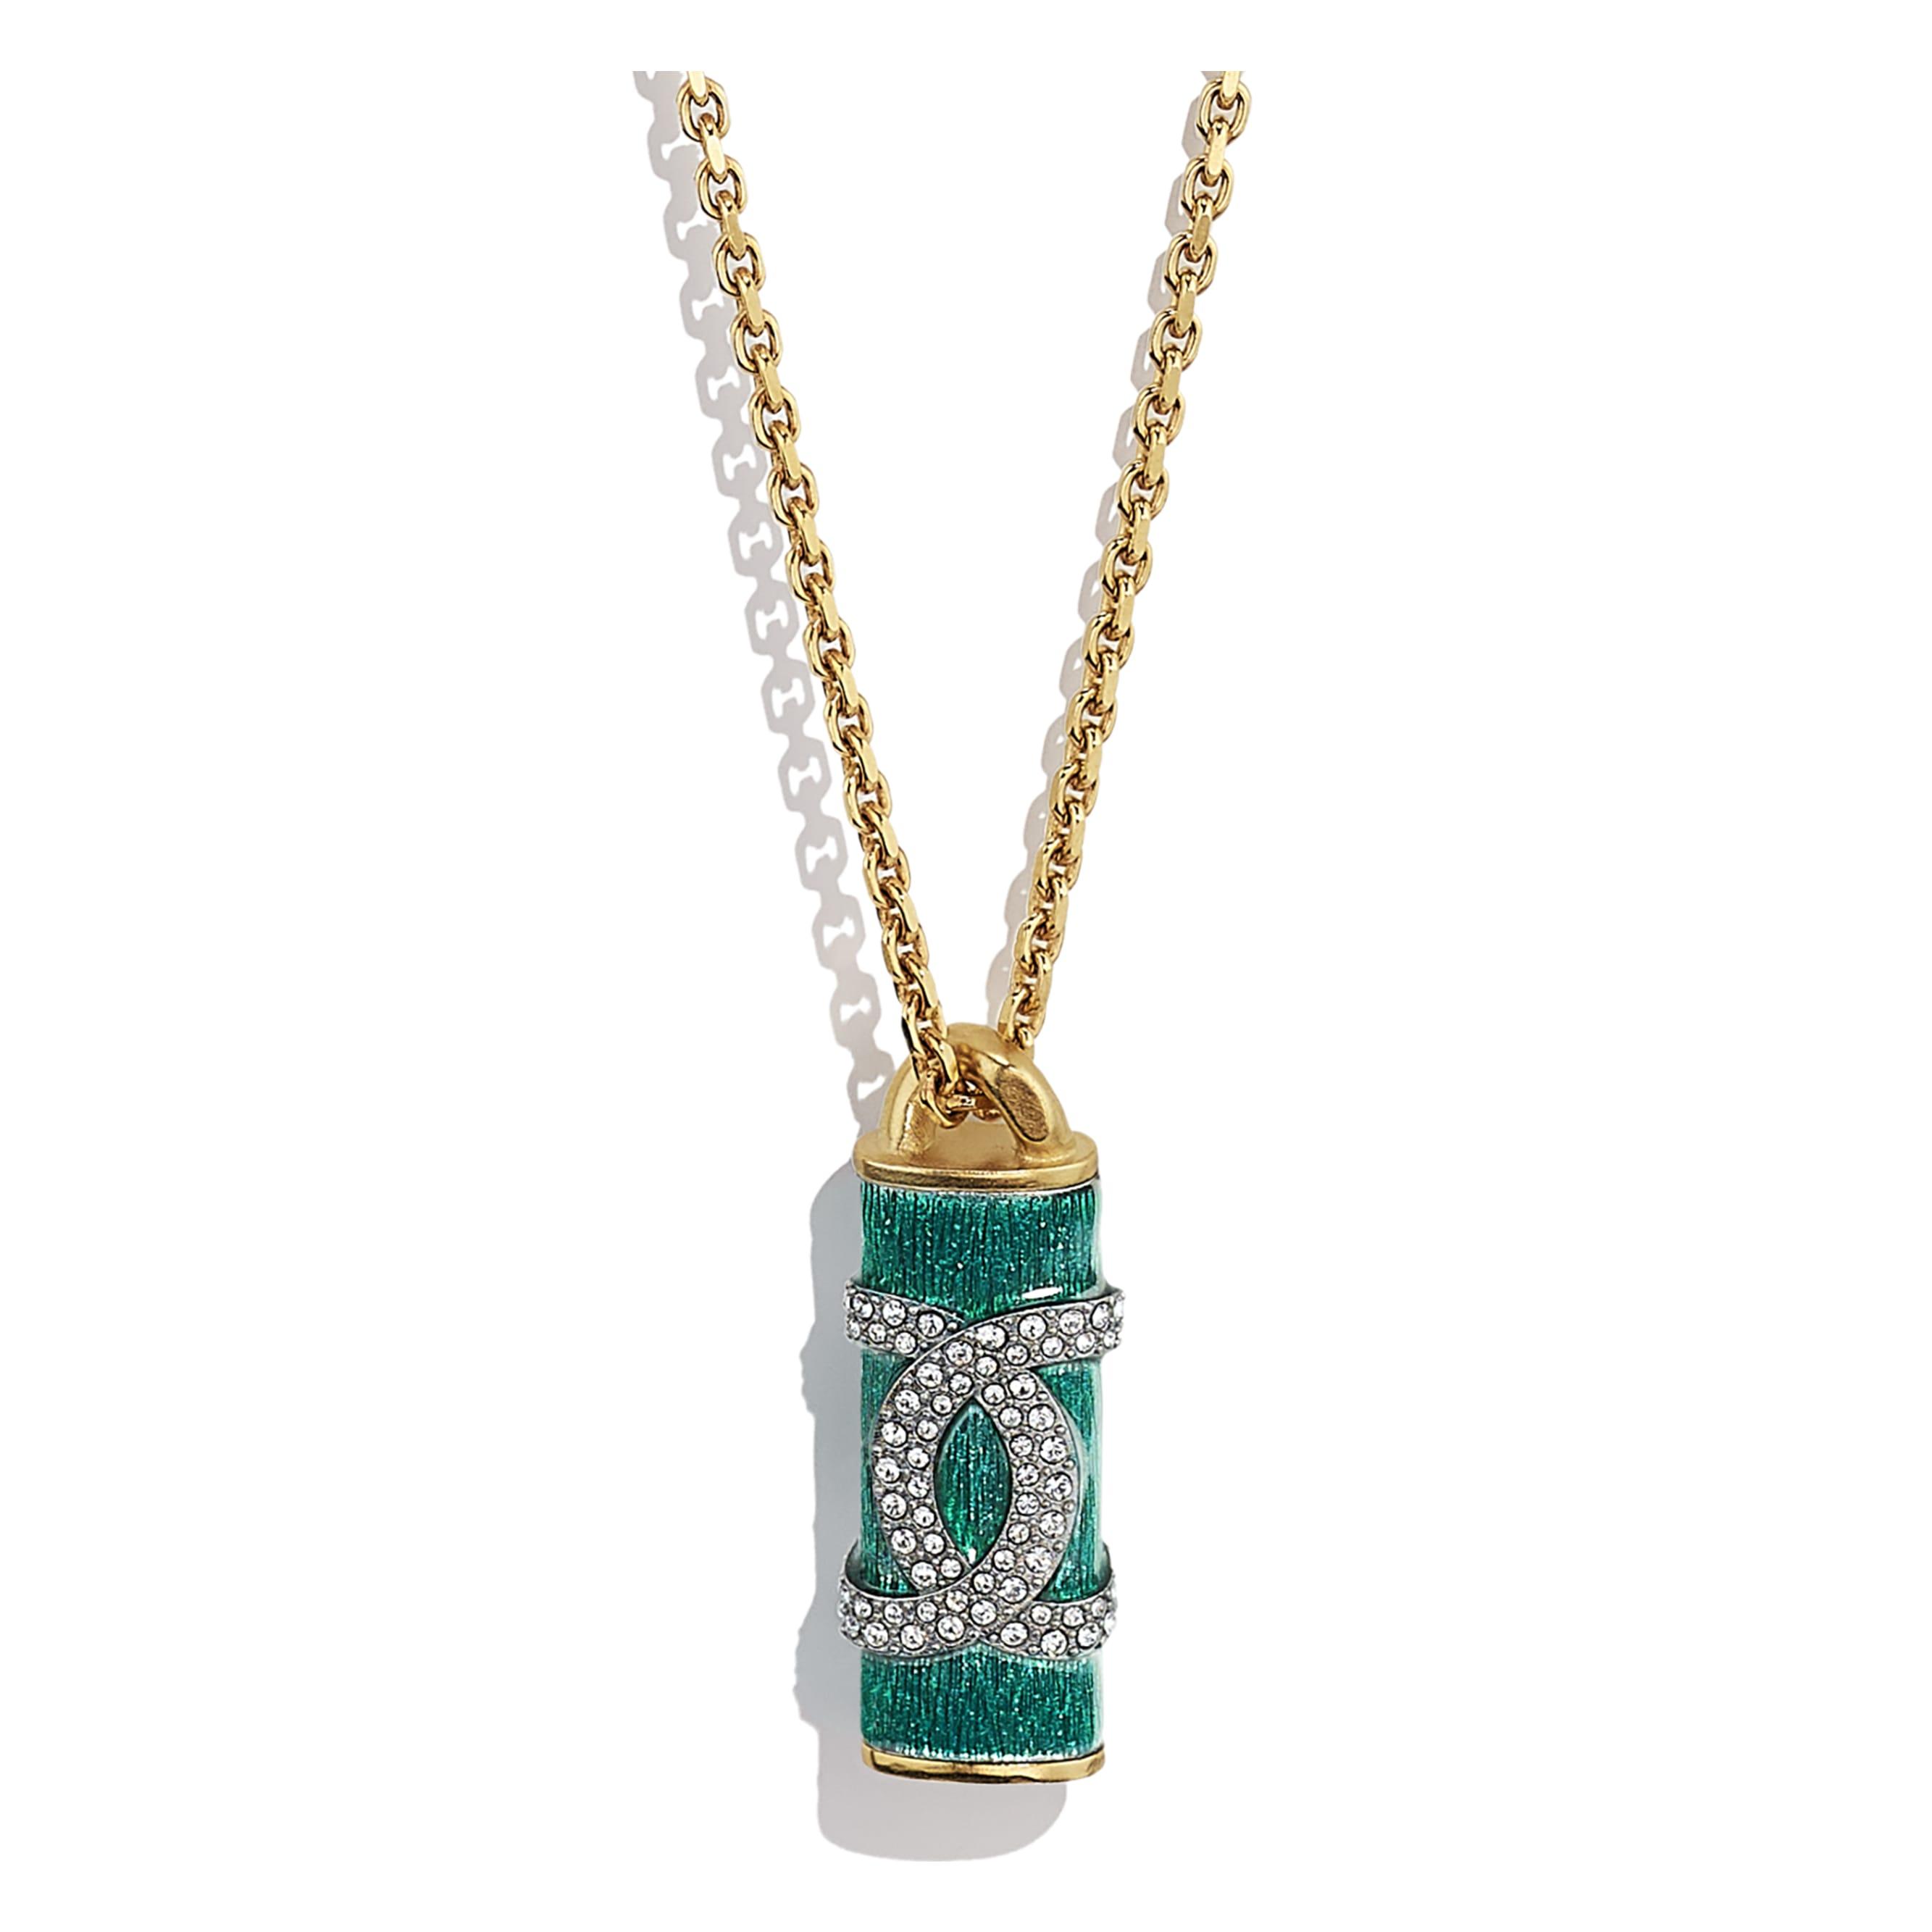 Collana - Oro, verde & cristallo - Metallo & strass - CHANEL - Altra immagine - vedere versione standard